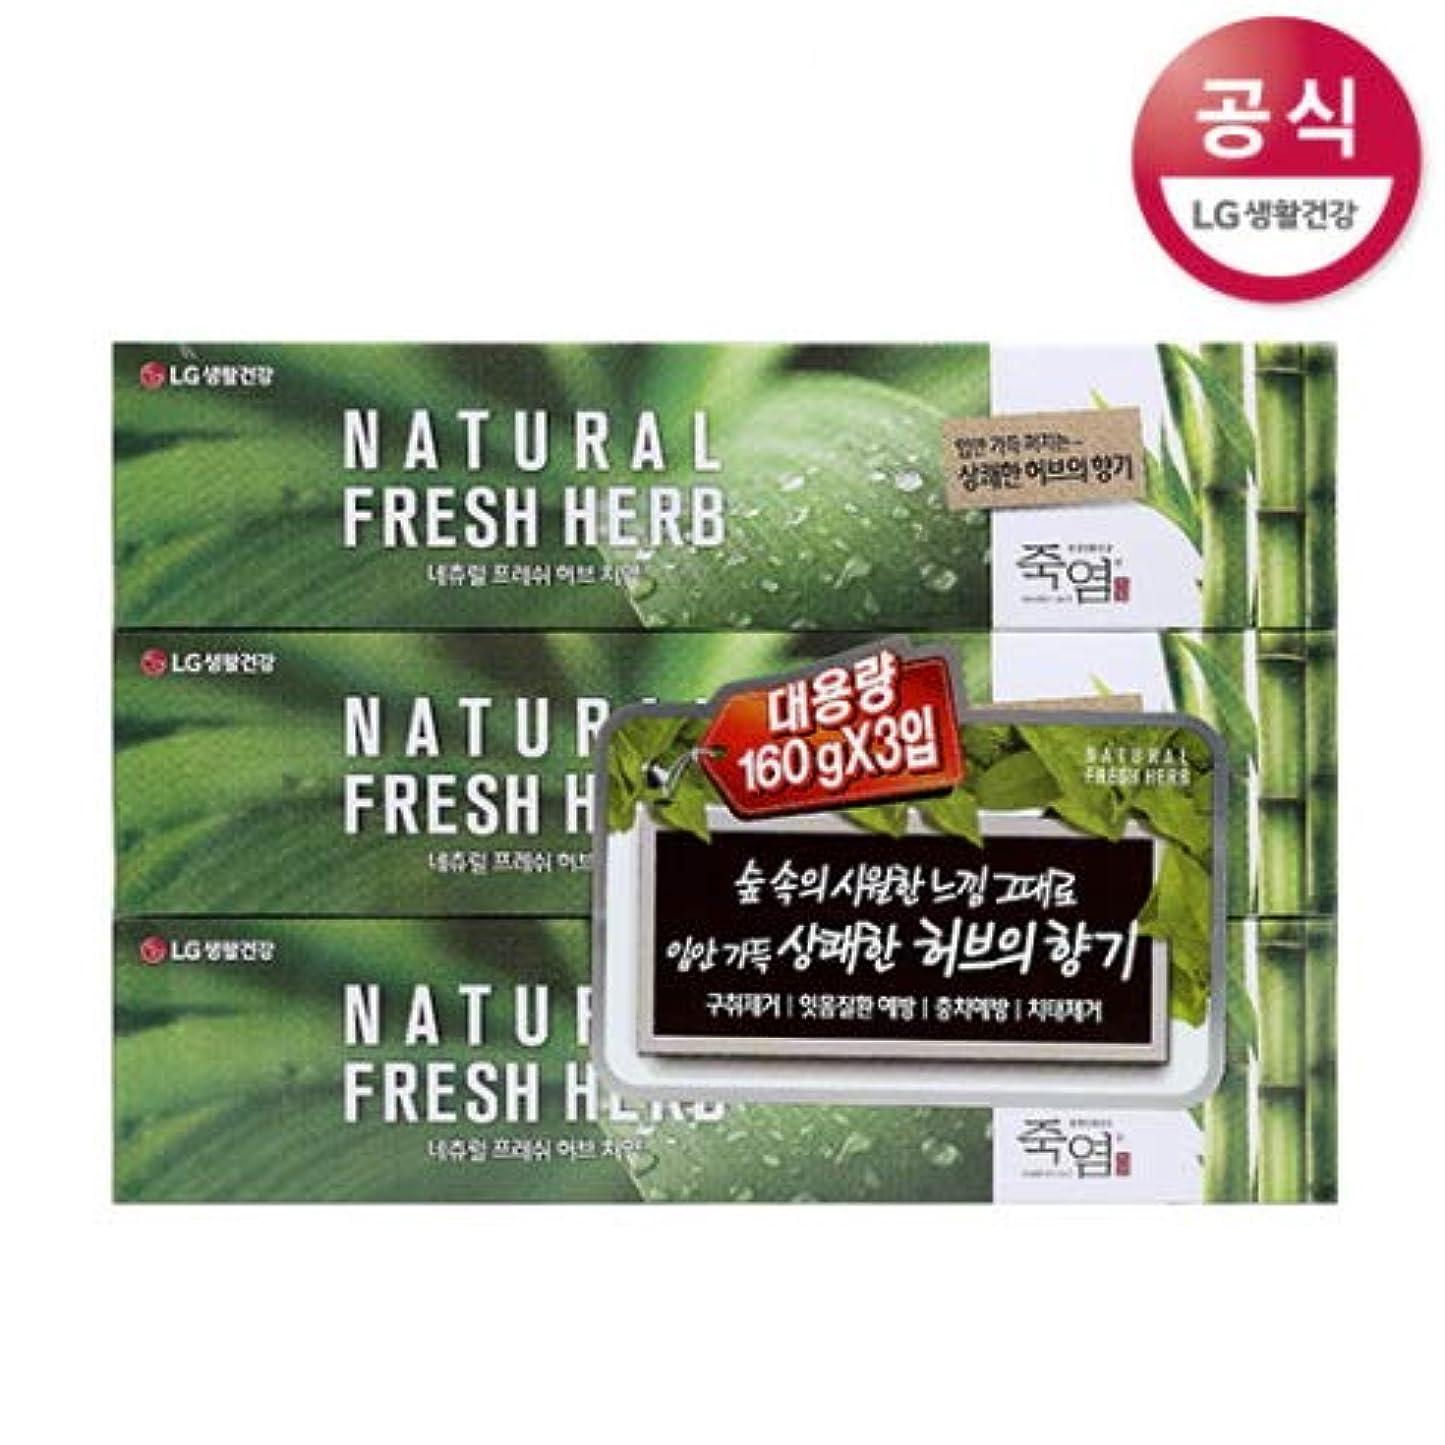 発生十酔う[LG HnB] Bamboo Salt Natural Fresh Herbal Toothpaste/竹塩ナチュラルフレッシュハーブ歯磨き粉 160gx3個(海外直送品)